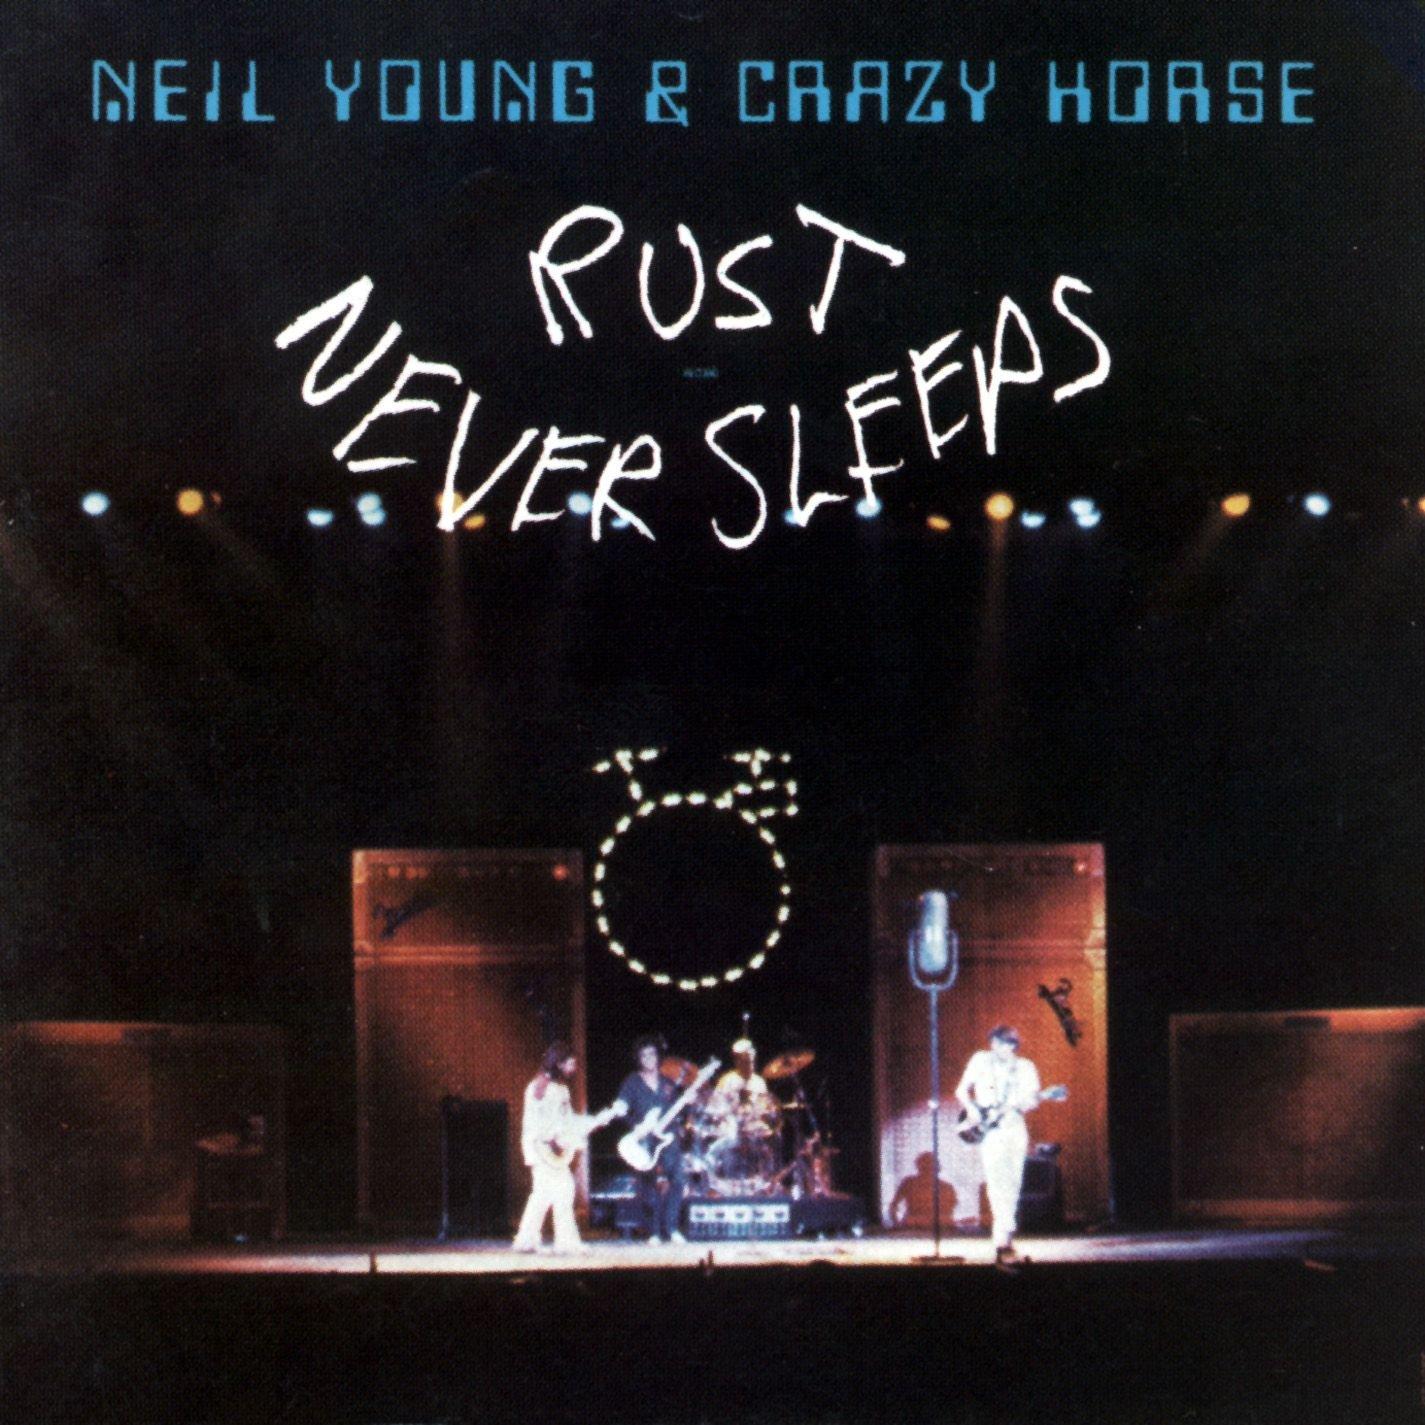 A New Neil Young & Crazy Horse Awaken on Rust Never Sleeps